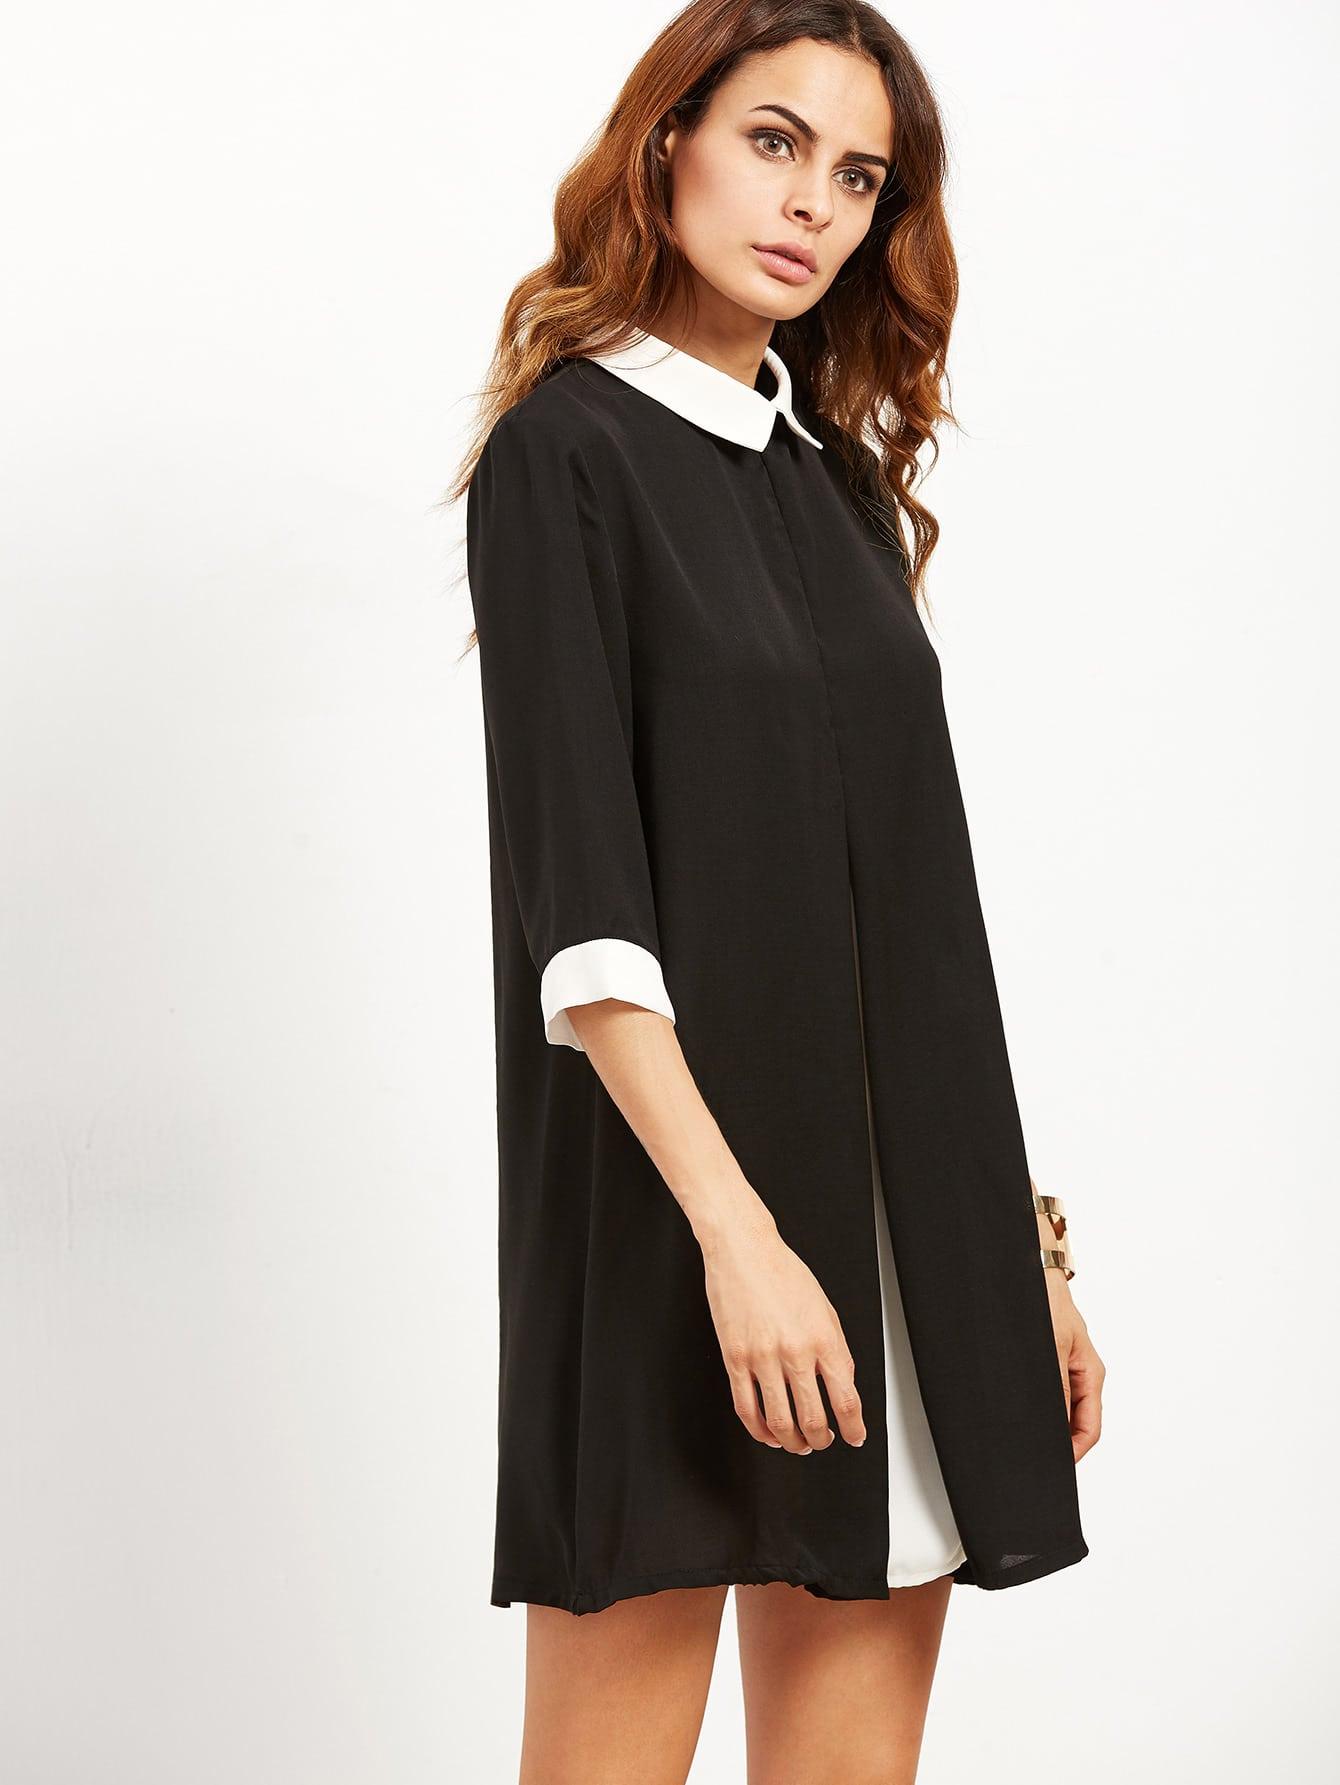 dress160907403_2